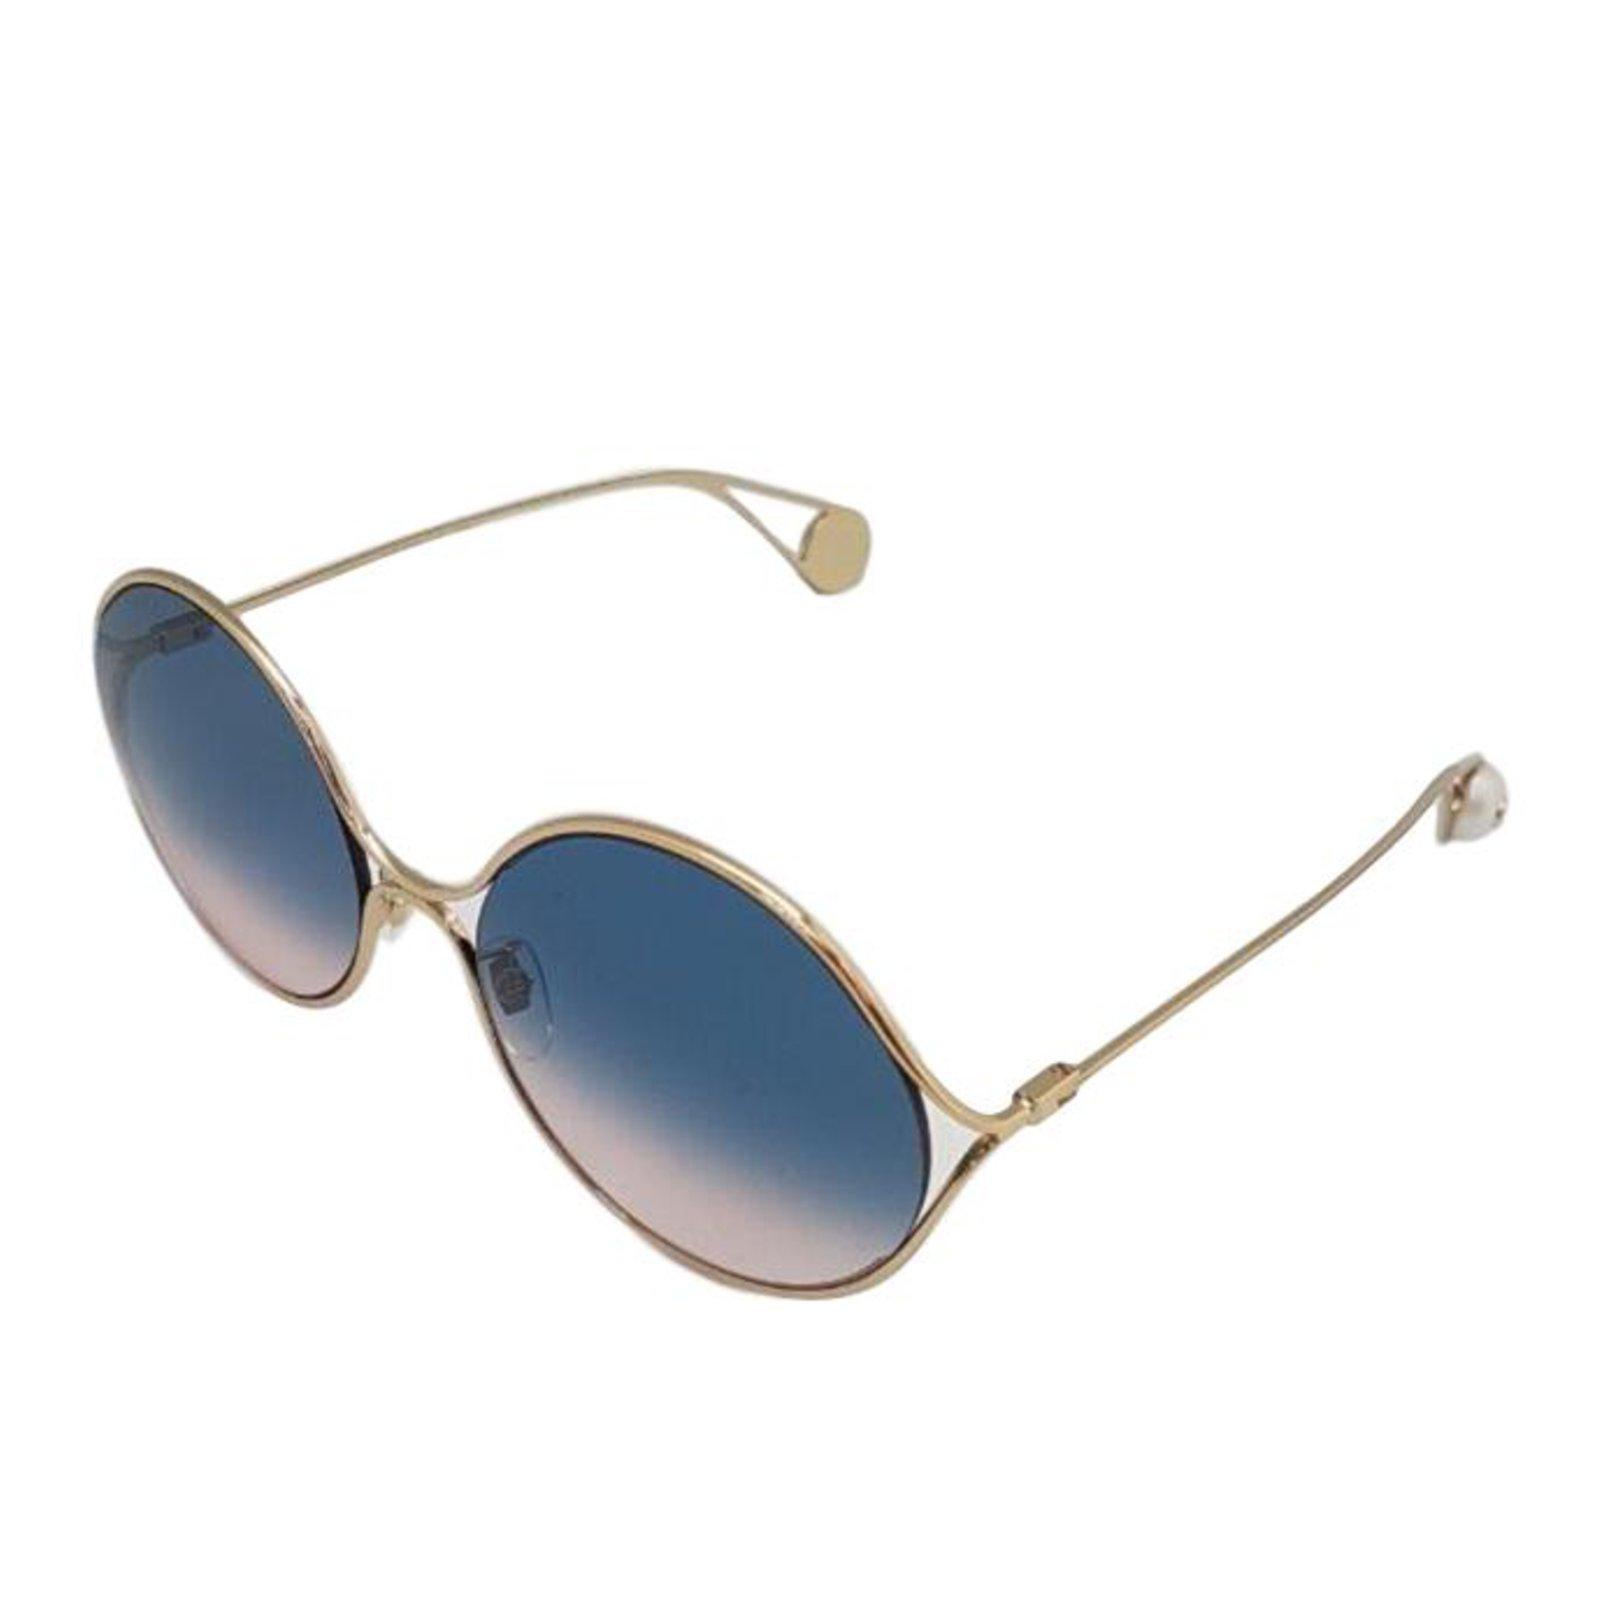 22251ae5cbd53 Lunettes Gucci lunettes ronde en metal collection été 2018 Métal Doré  ref.70417